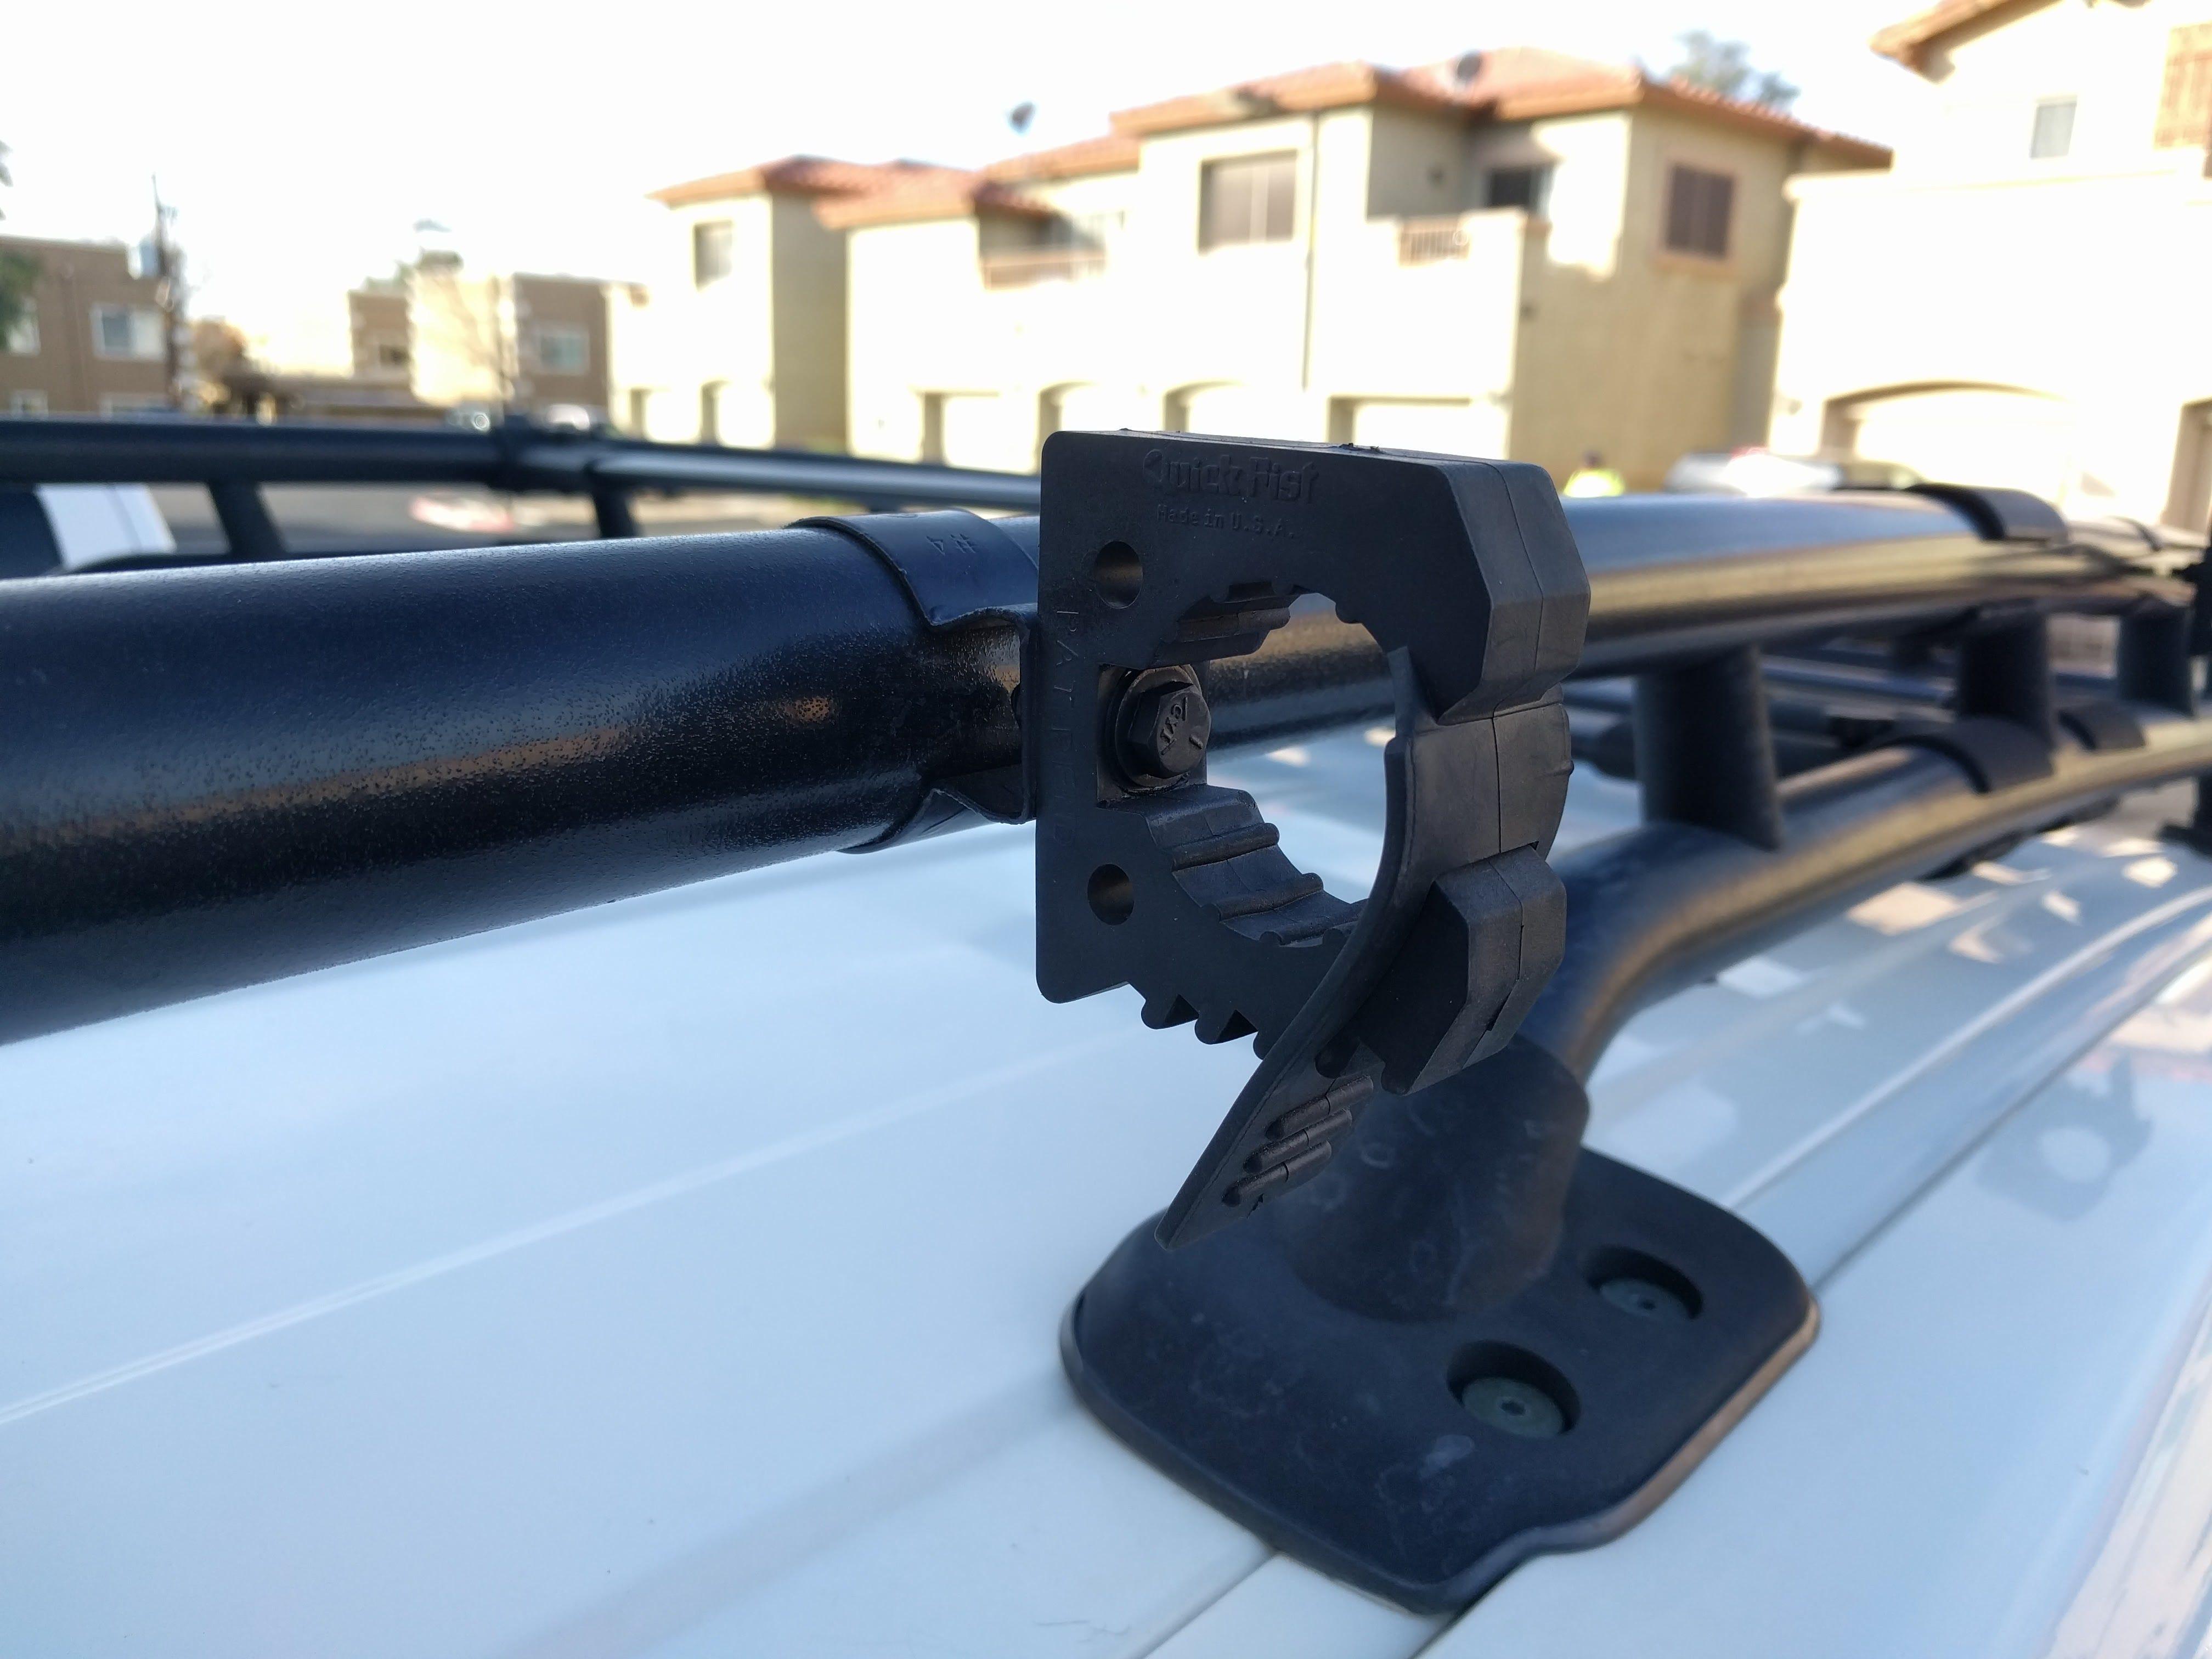 diy fj cruiser roof rack axe shovel